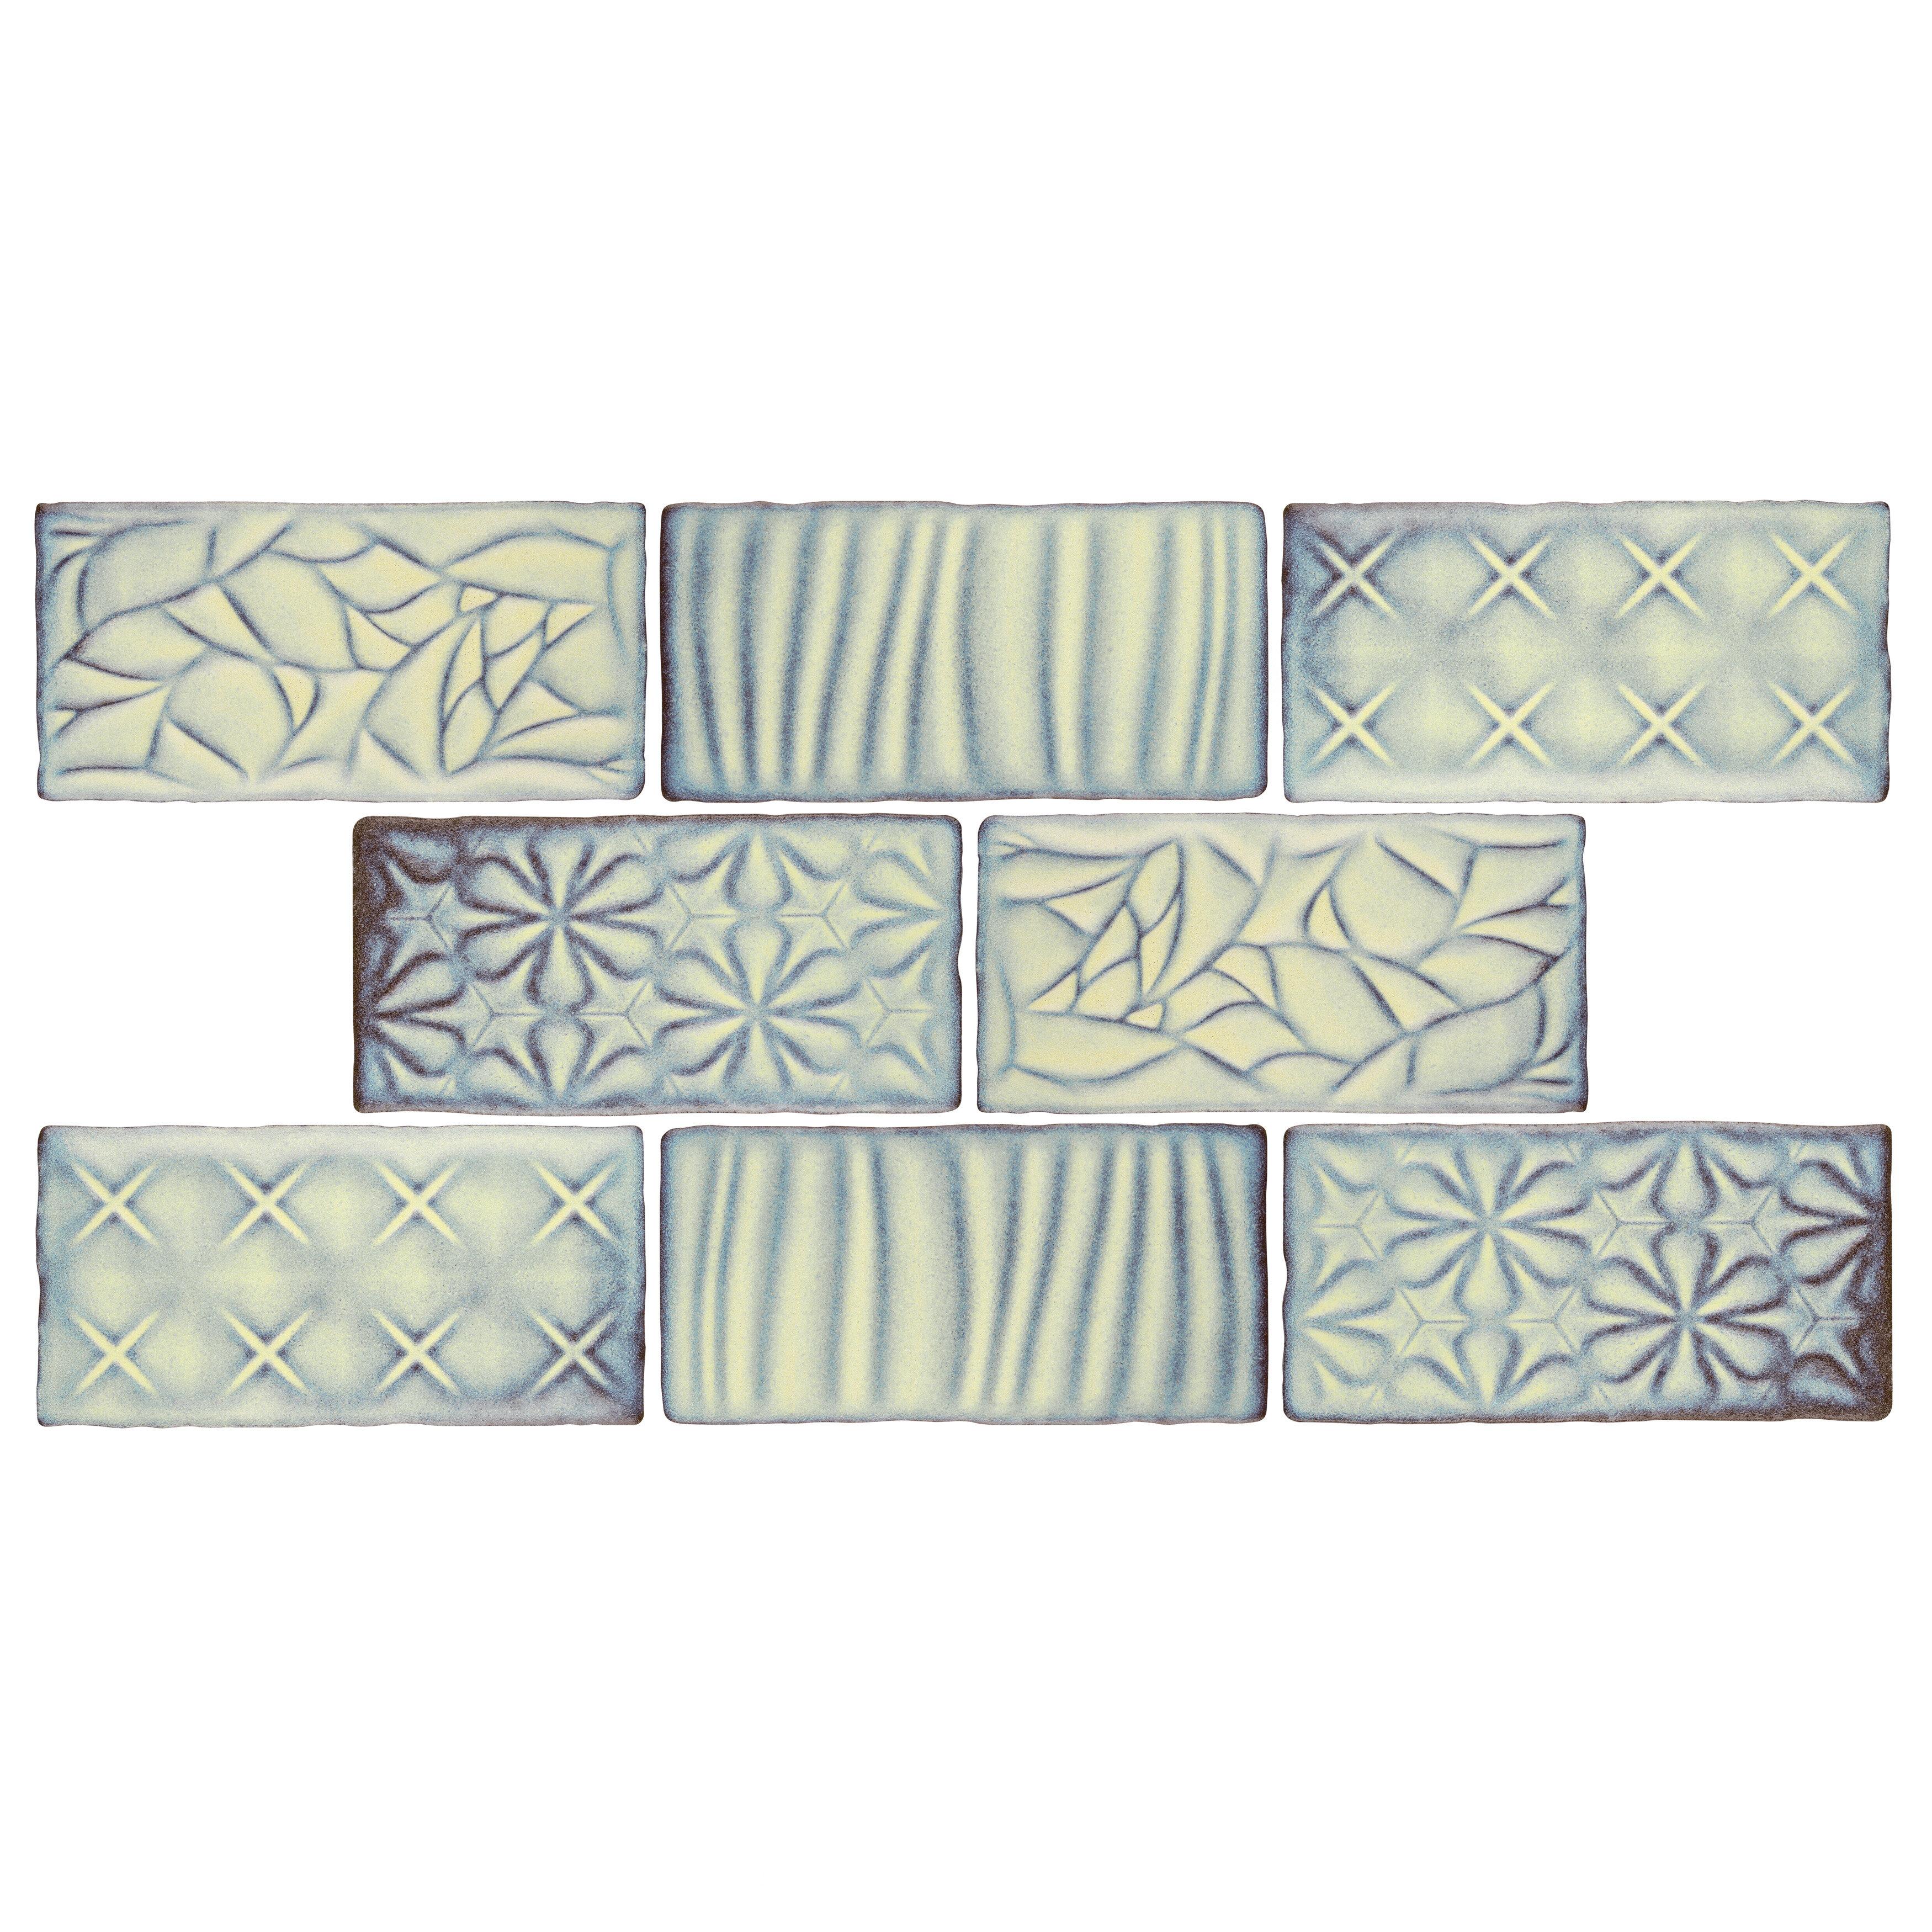 Elitetile Antiqua Sensations 3 X 6 Ceramic Subway Tile In Yellow